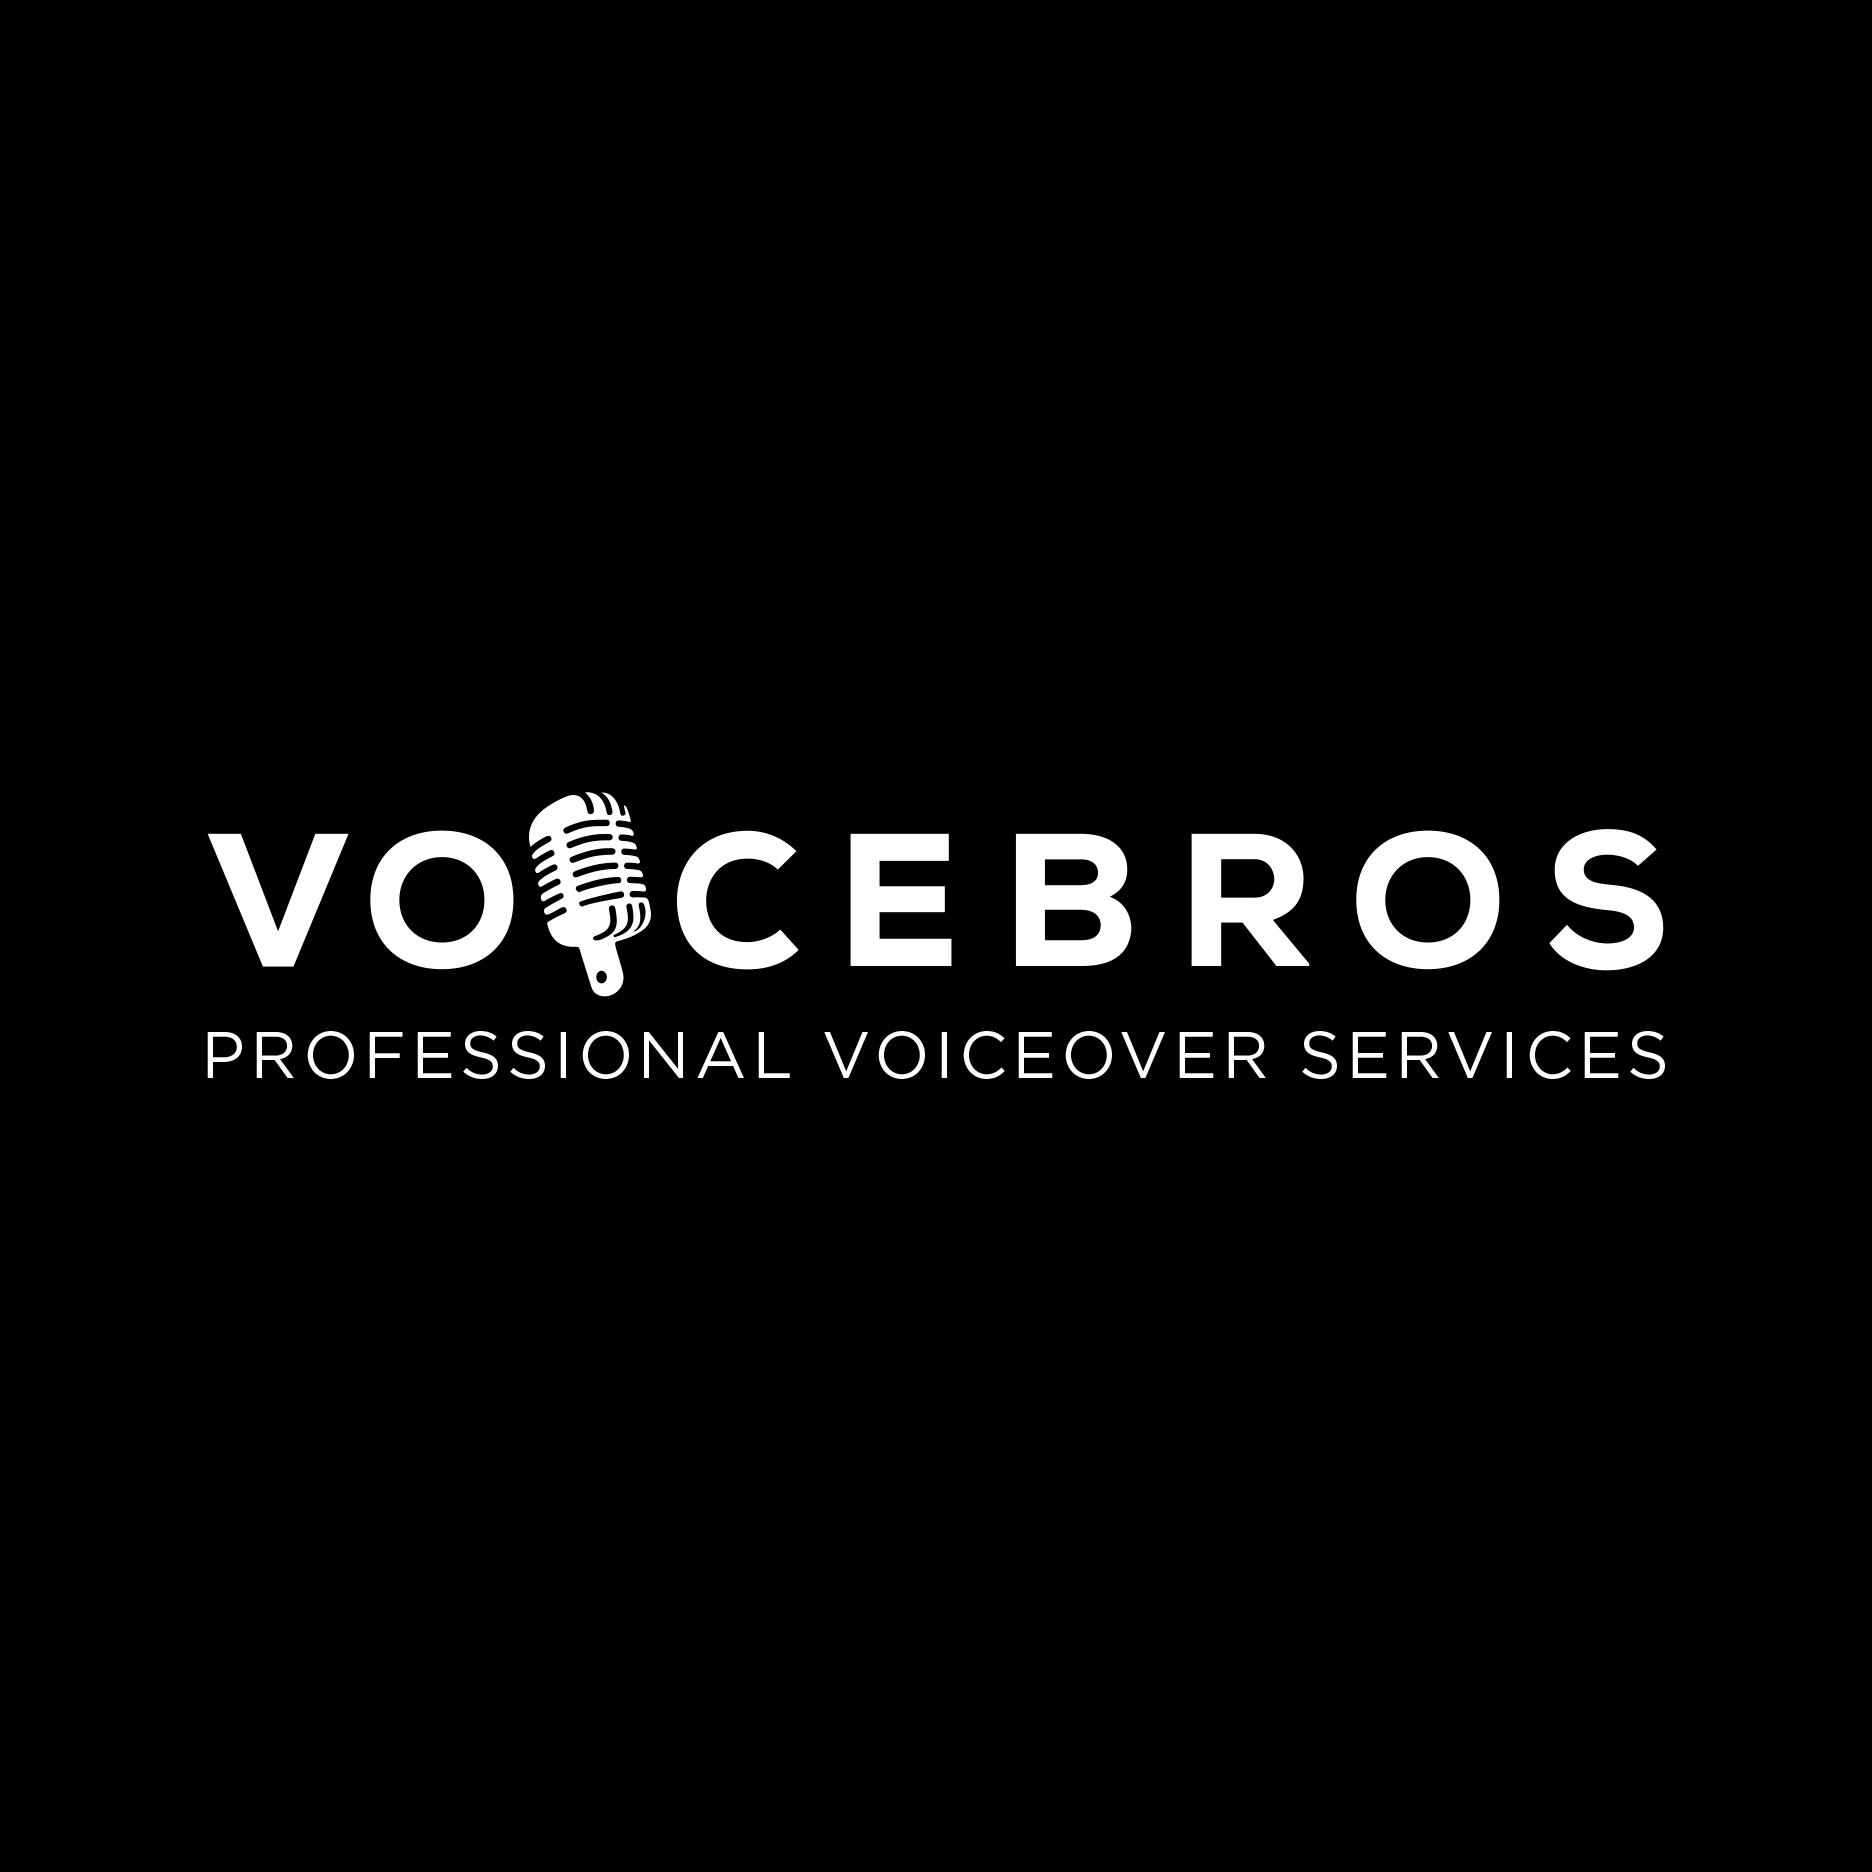 simon morgan is a voice over actor